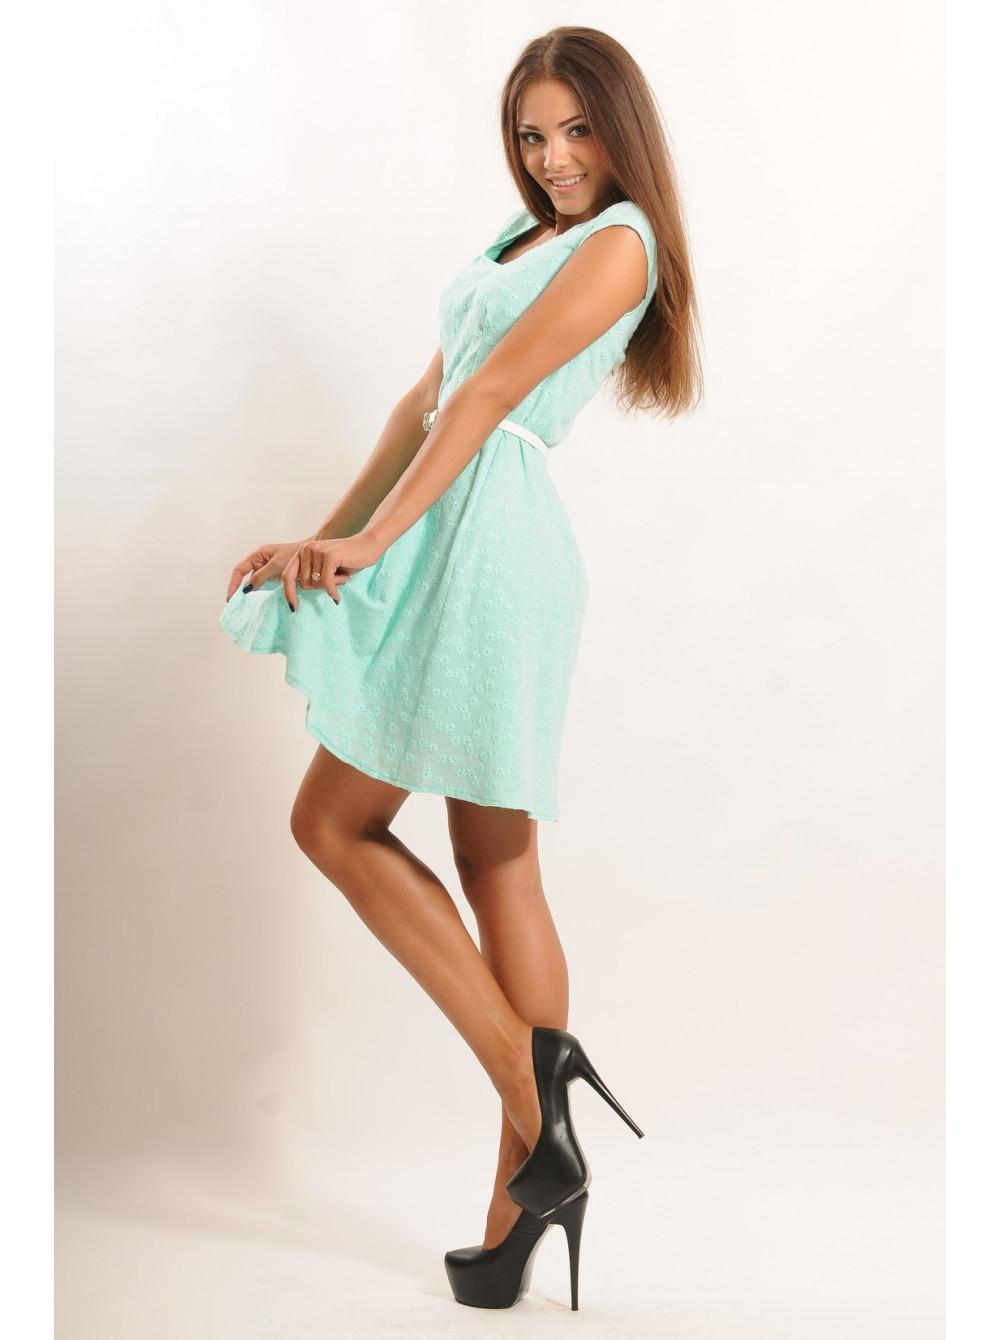 Мохито Интернет Магазин Женской Одежды Платья